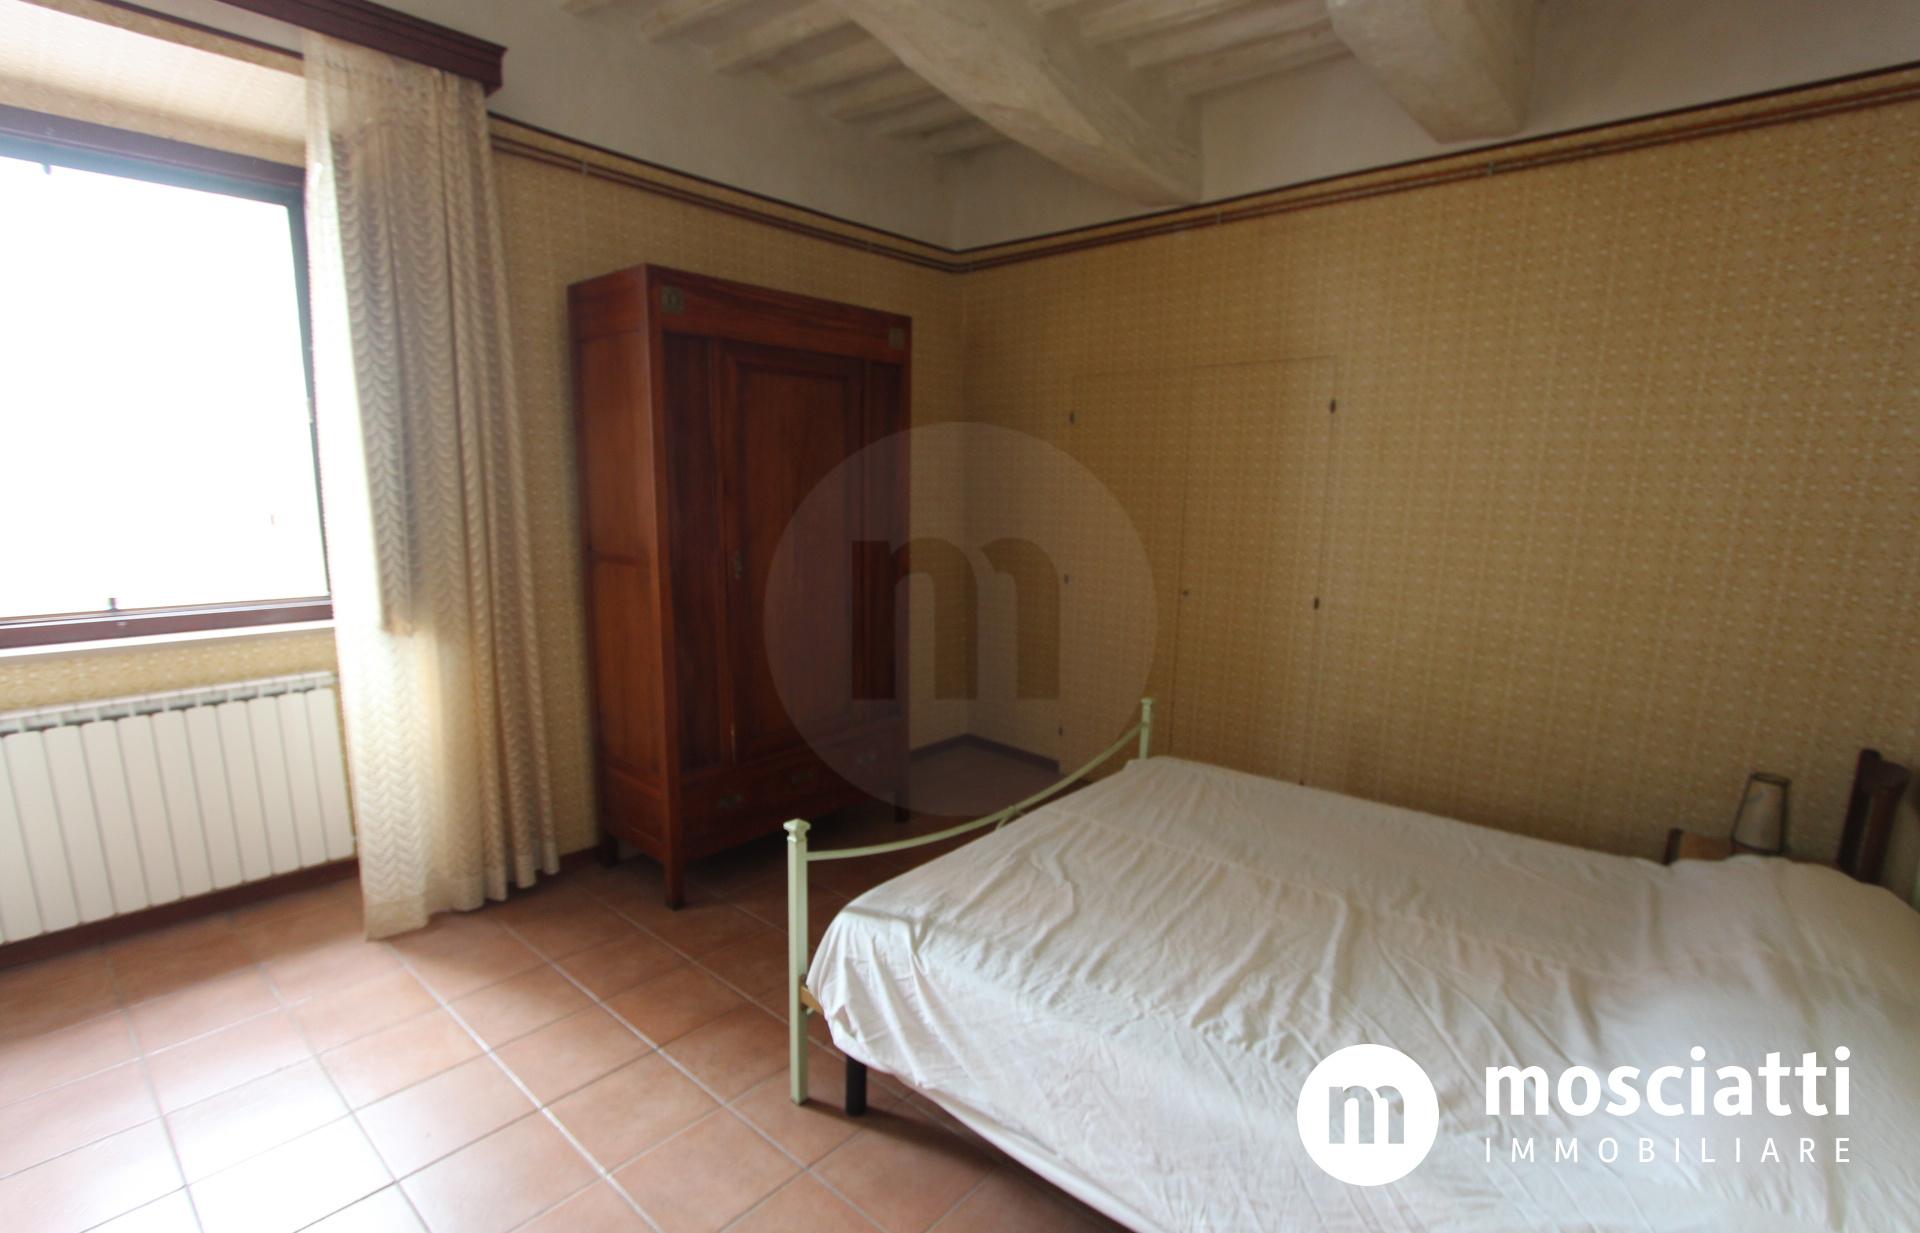 Esanatoglia, Corso Vittorio Emanuele II, vendesi appartamento - 1